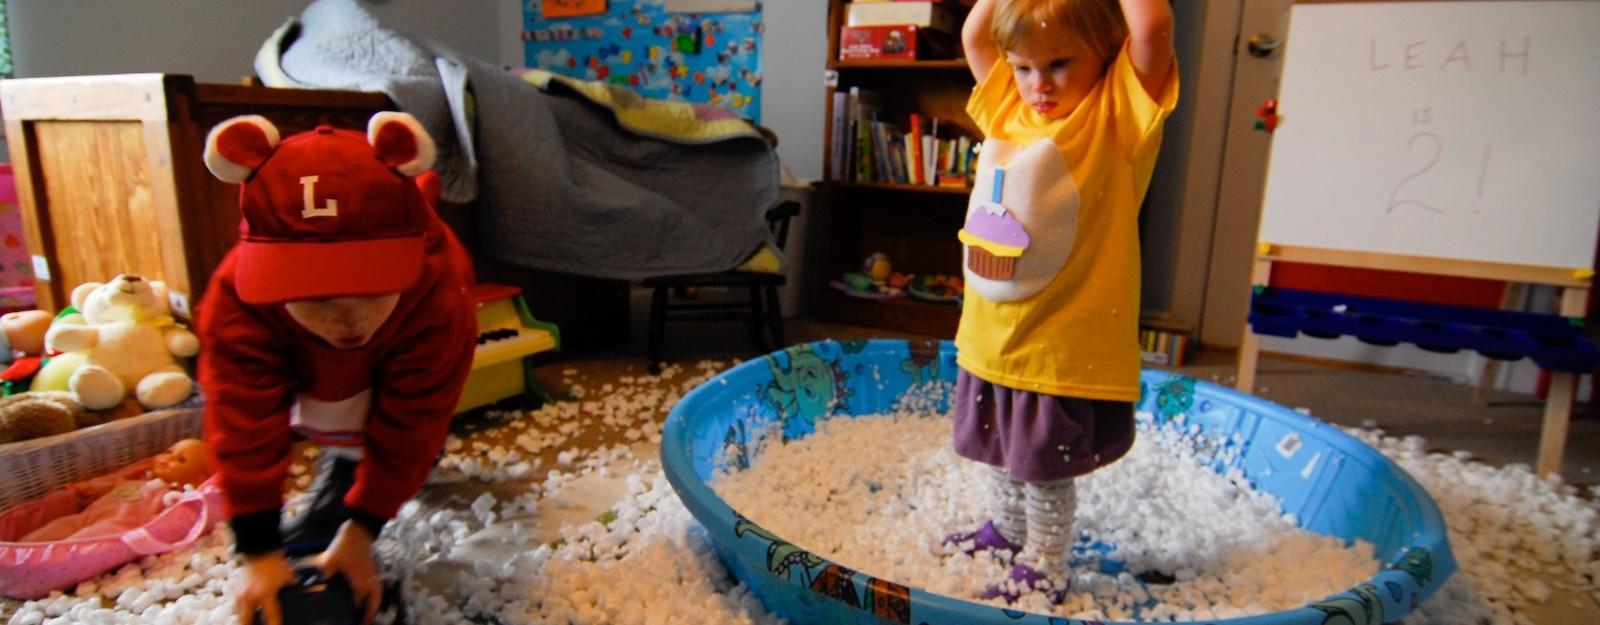 Wie gestalte ich einen Kindergeburtstag?